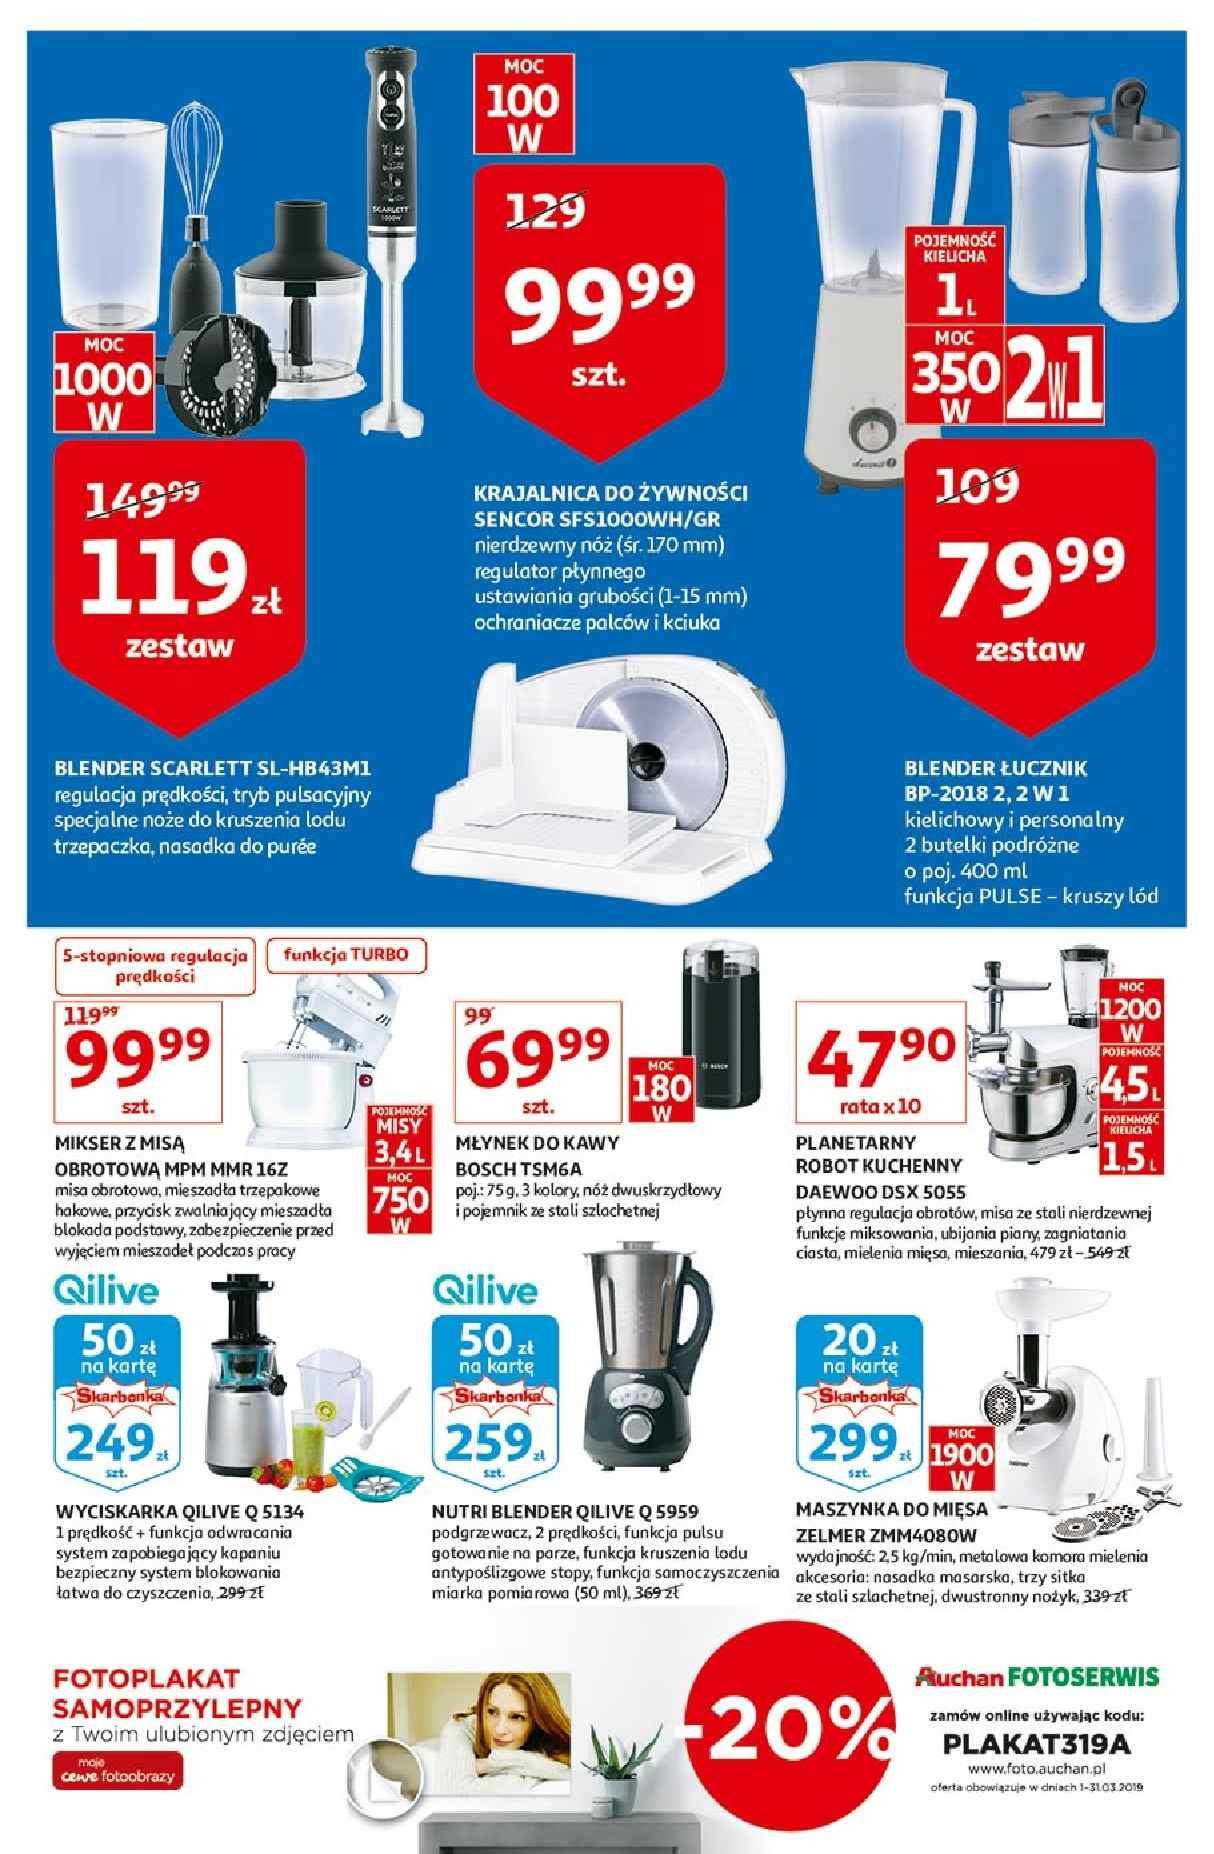 Gazetka promocyjna Auchan do 31/03/2019 str.14